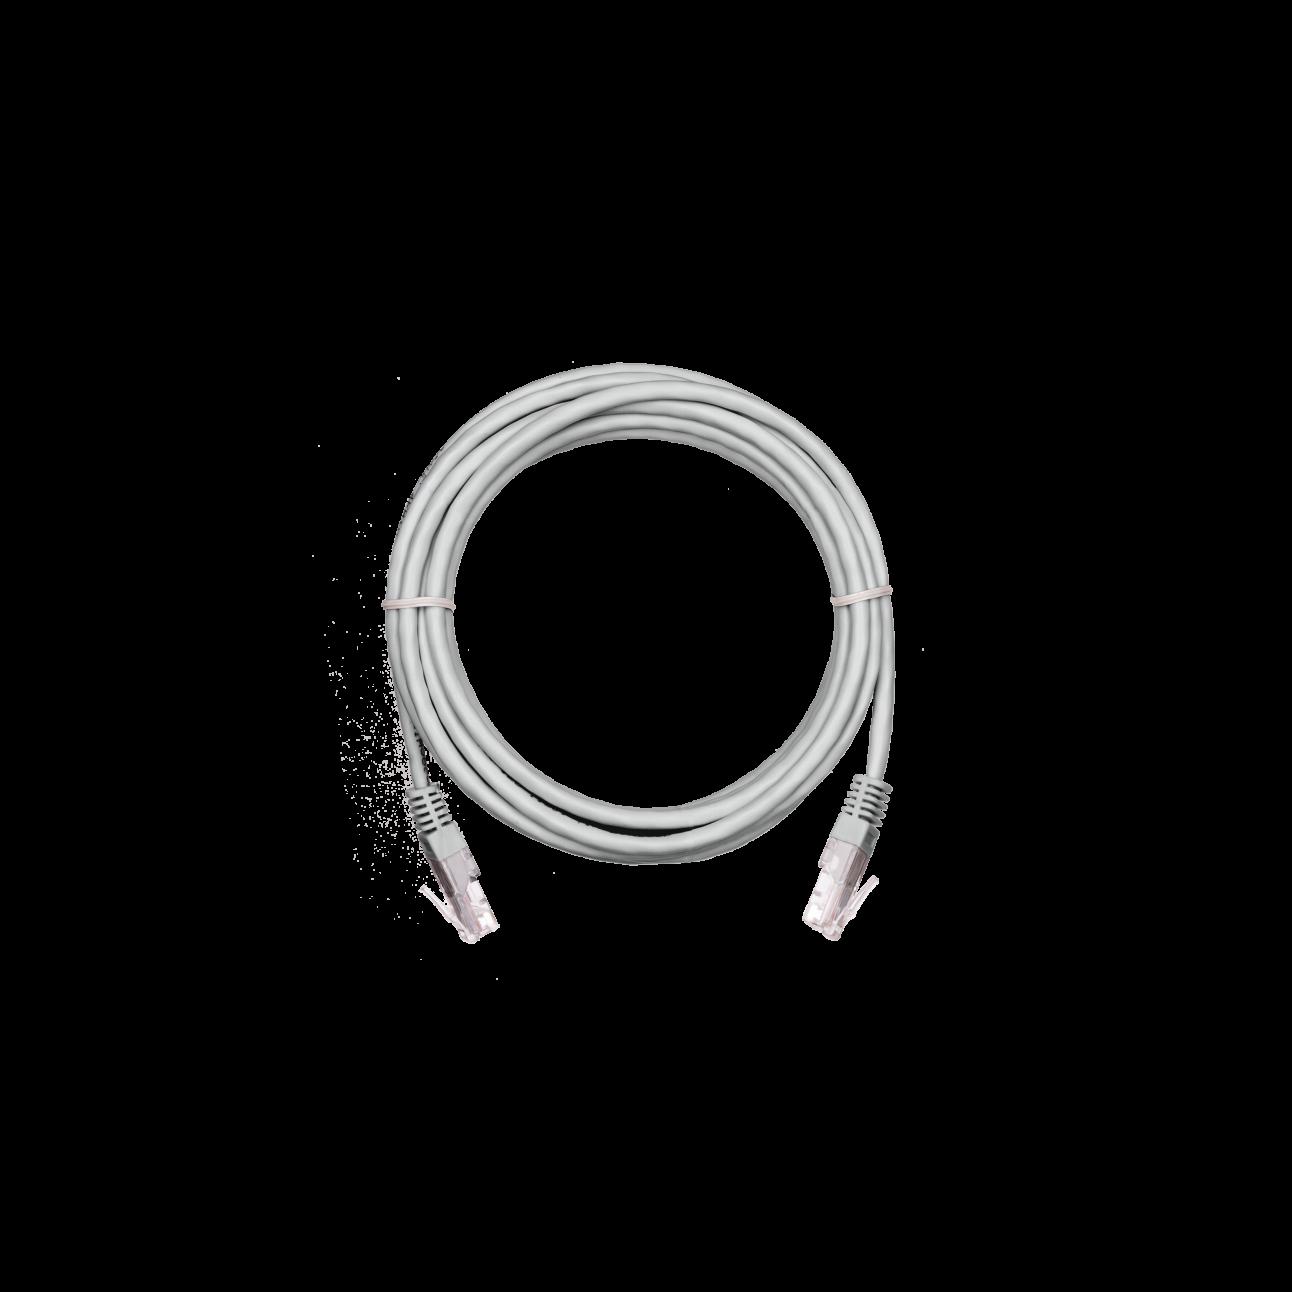 Коммутационный шнур NETLAN U/UTP 4 пары,Кат.5е (Класс D),100МГц, 2хRJ45/8P8C, T568B, заливной, BC (чистая медь), PVC нг(B),серый, 5м, уп 10шт